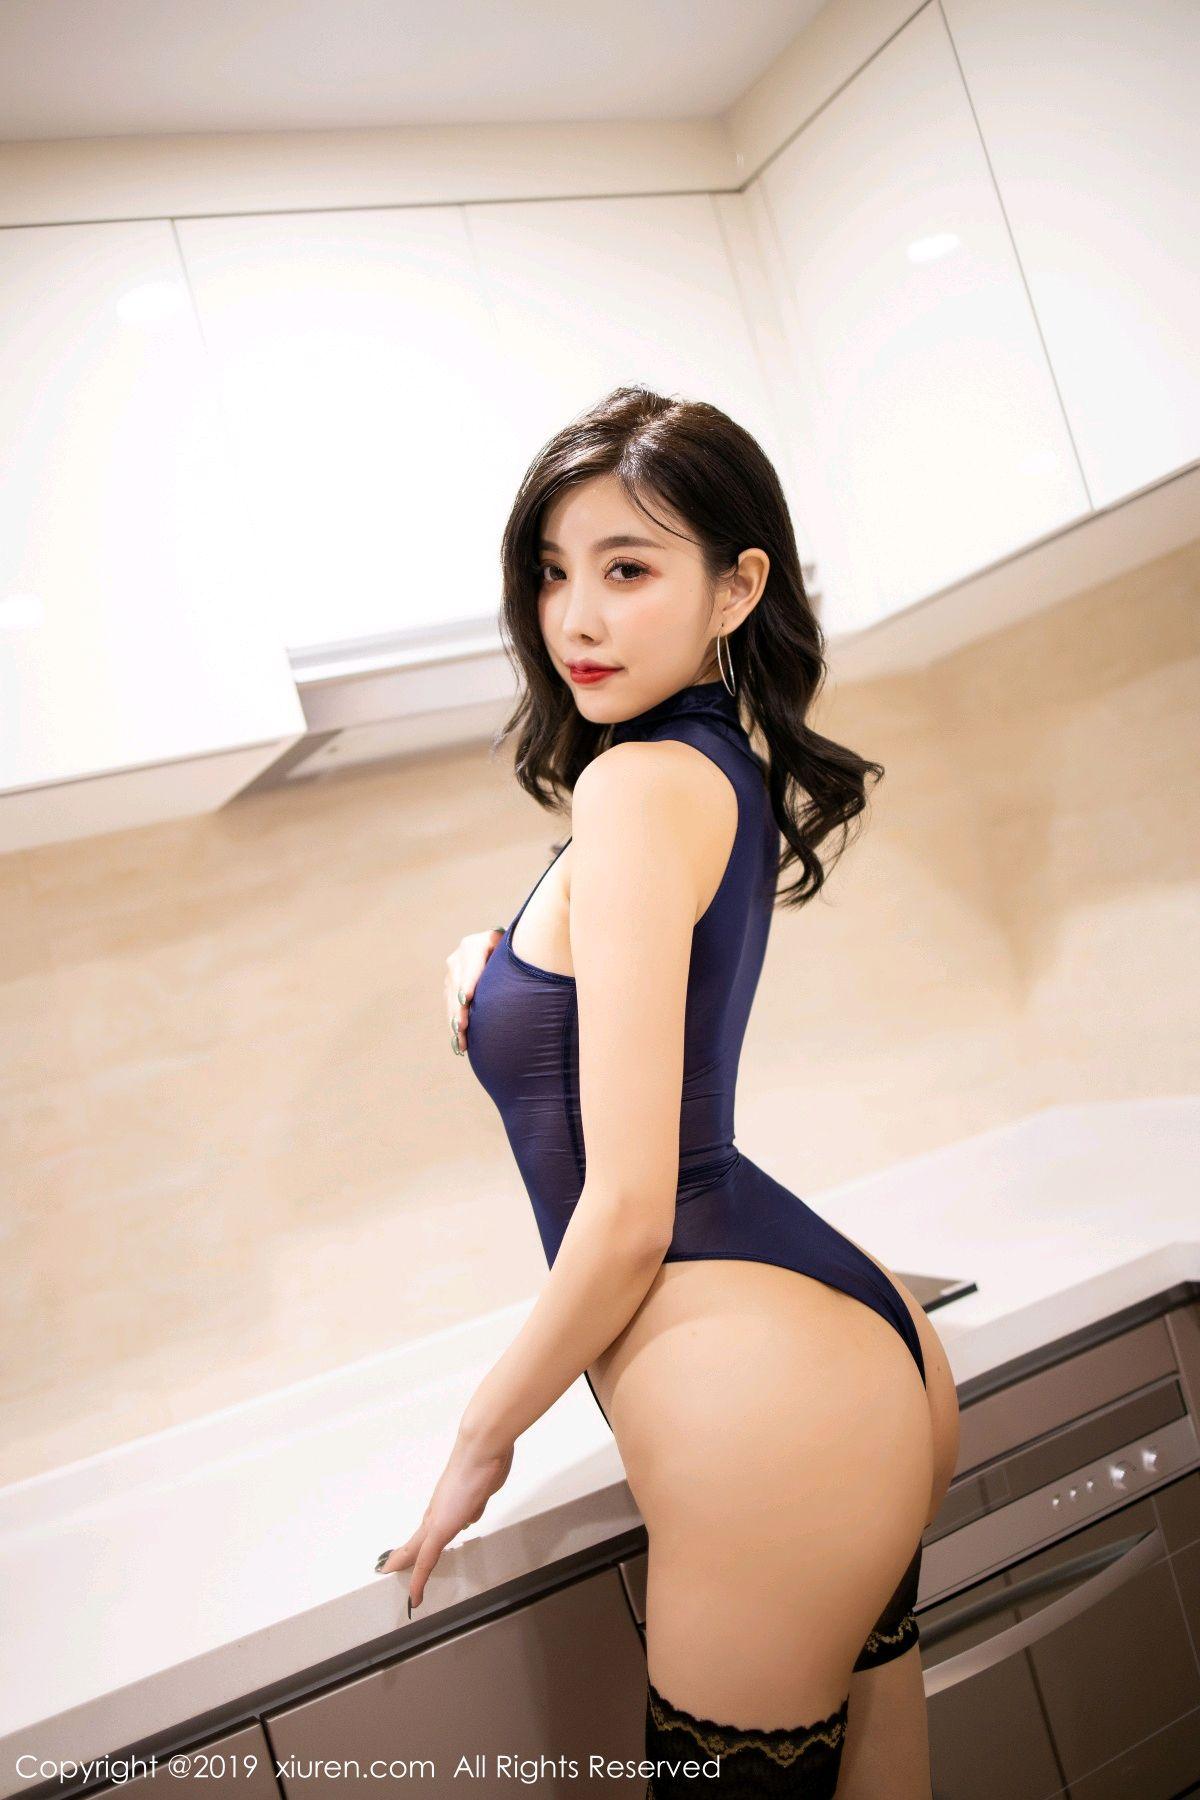 [XiuRen] Vol.1797 Yang Chen Chen 12P, Adult, Bathroom, Wet, Xiuren, Yang Chen Chen